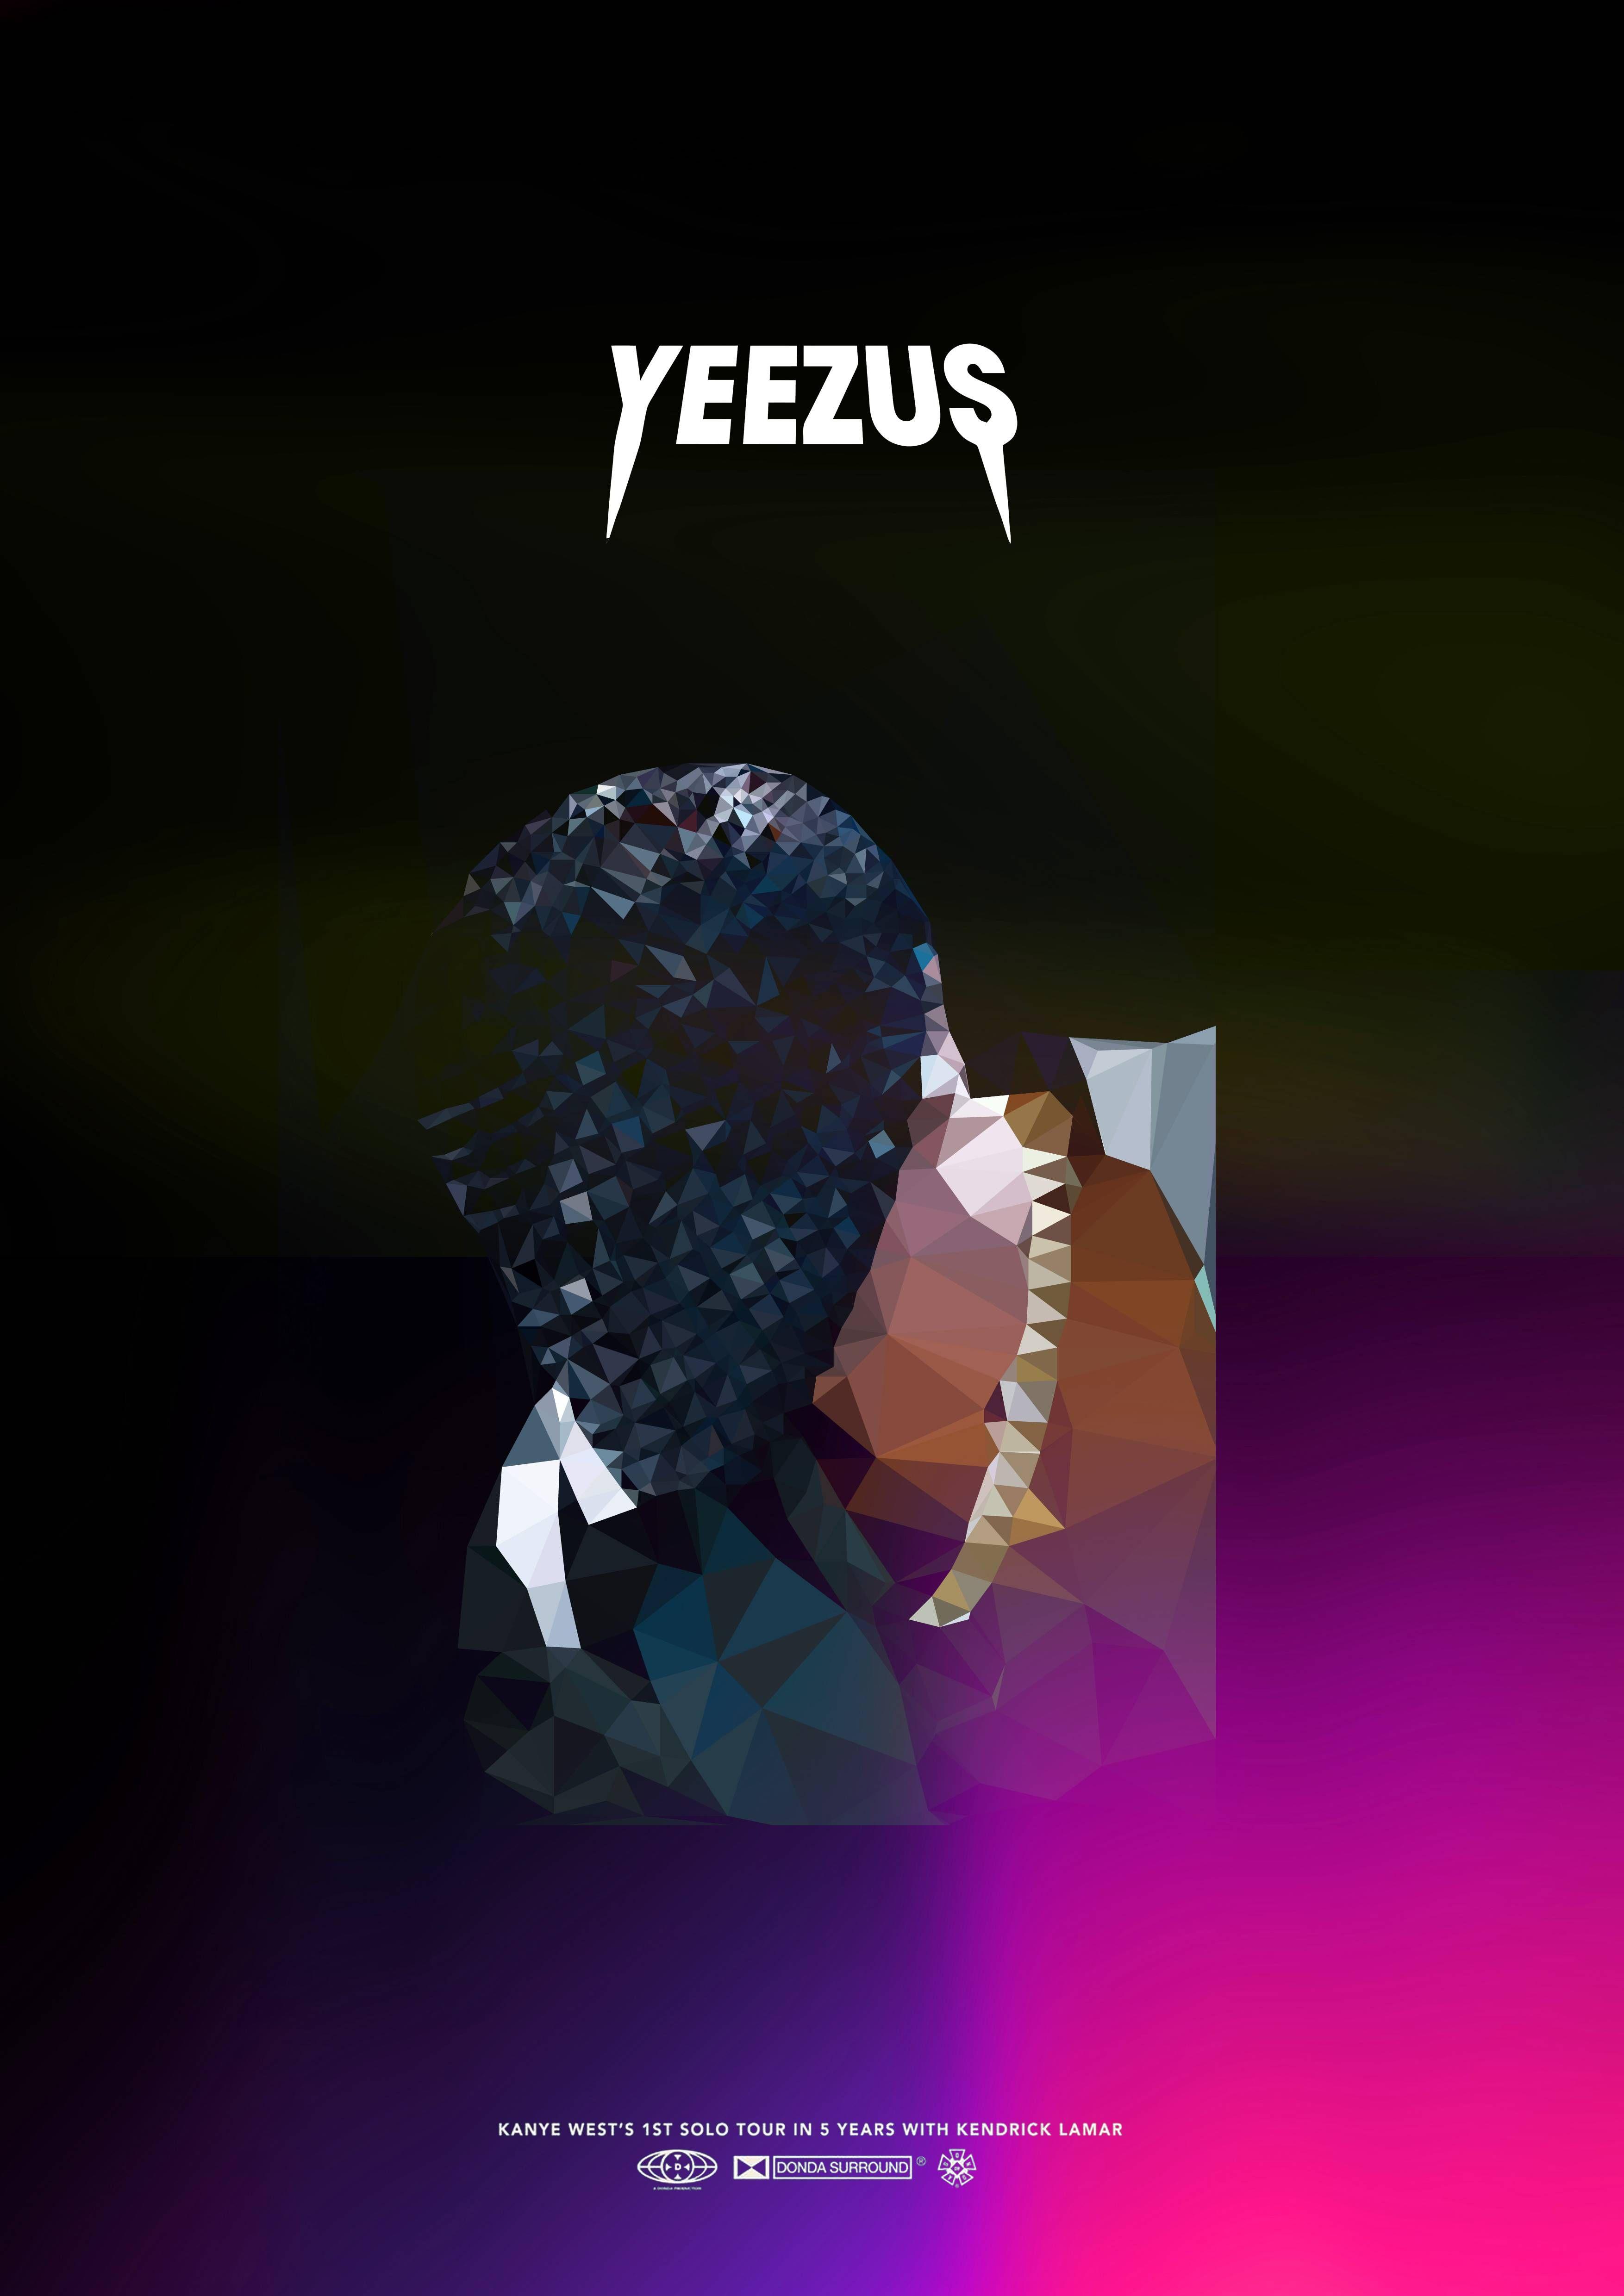 Wpsu20f Jpg 3508 4961 Yeezus Kanye Yeezus Lamar